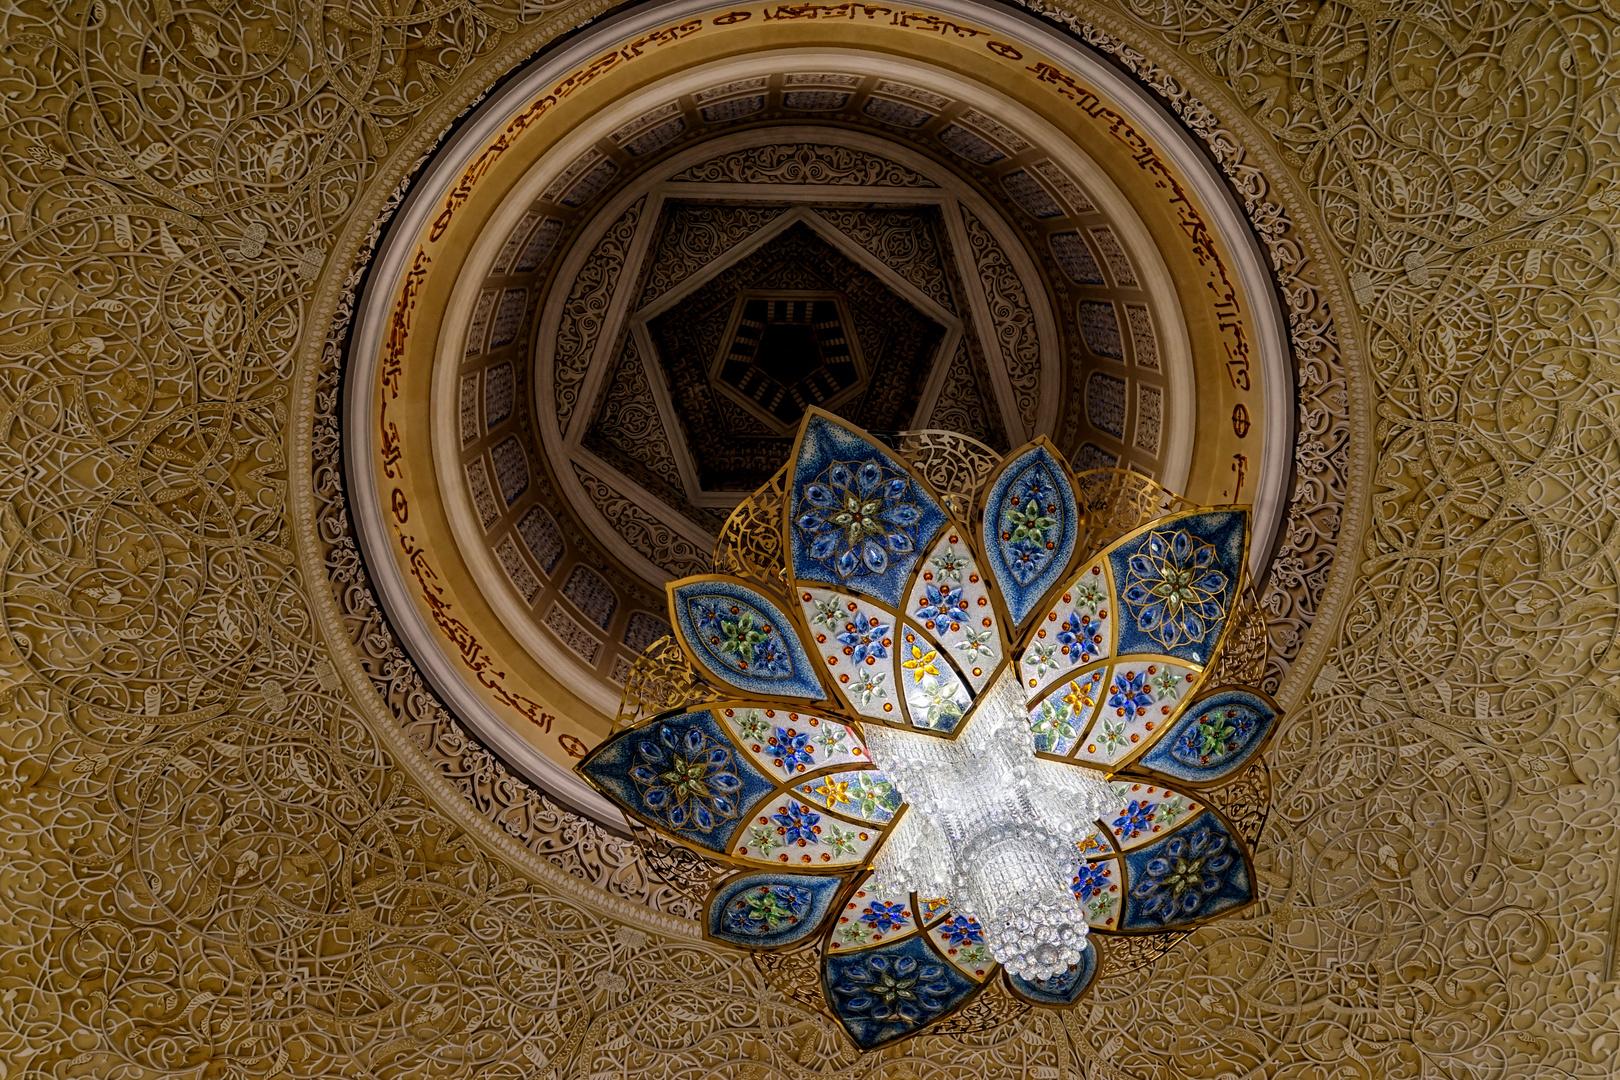 Swarovski-Kronleuchter-Abu-Dhabi-Moschee -